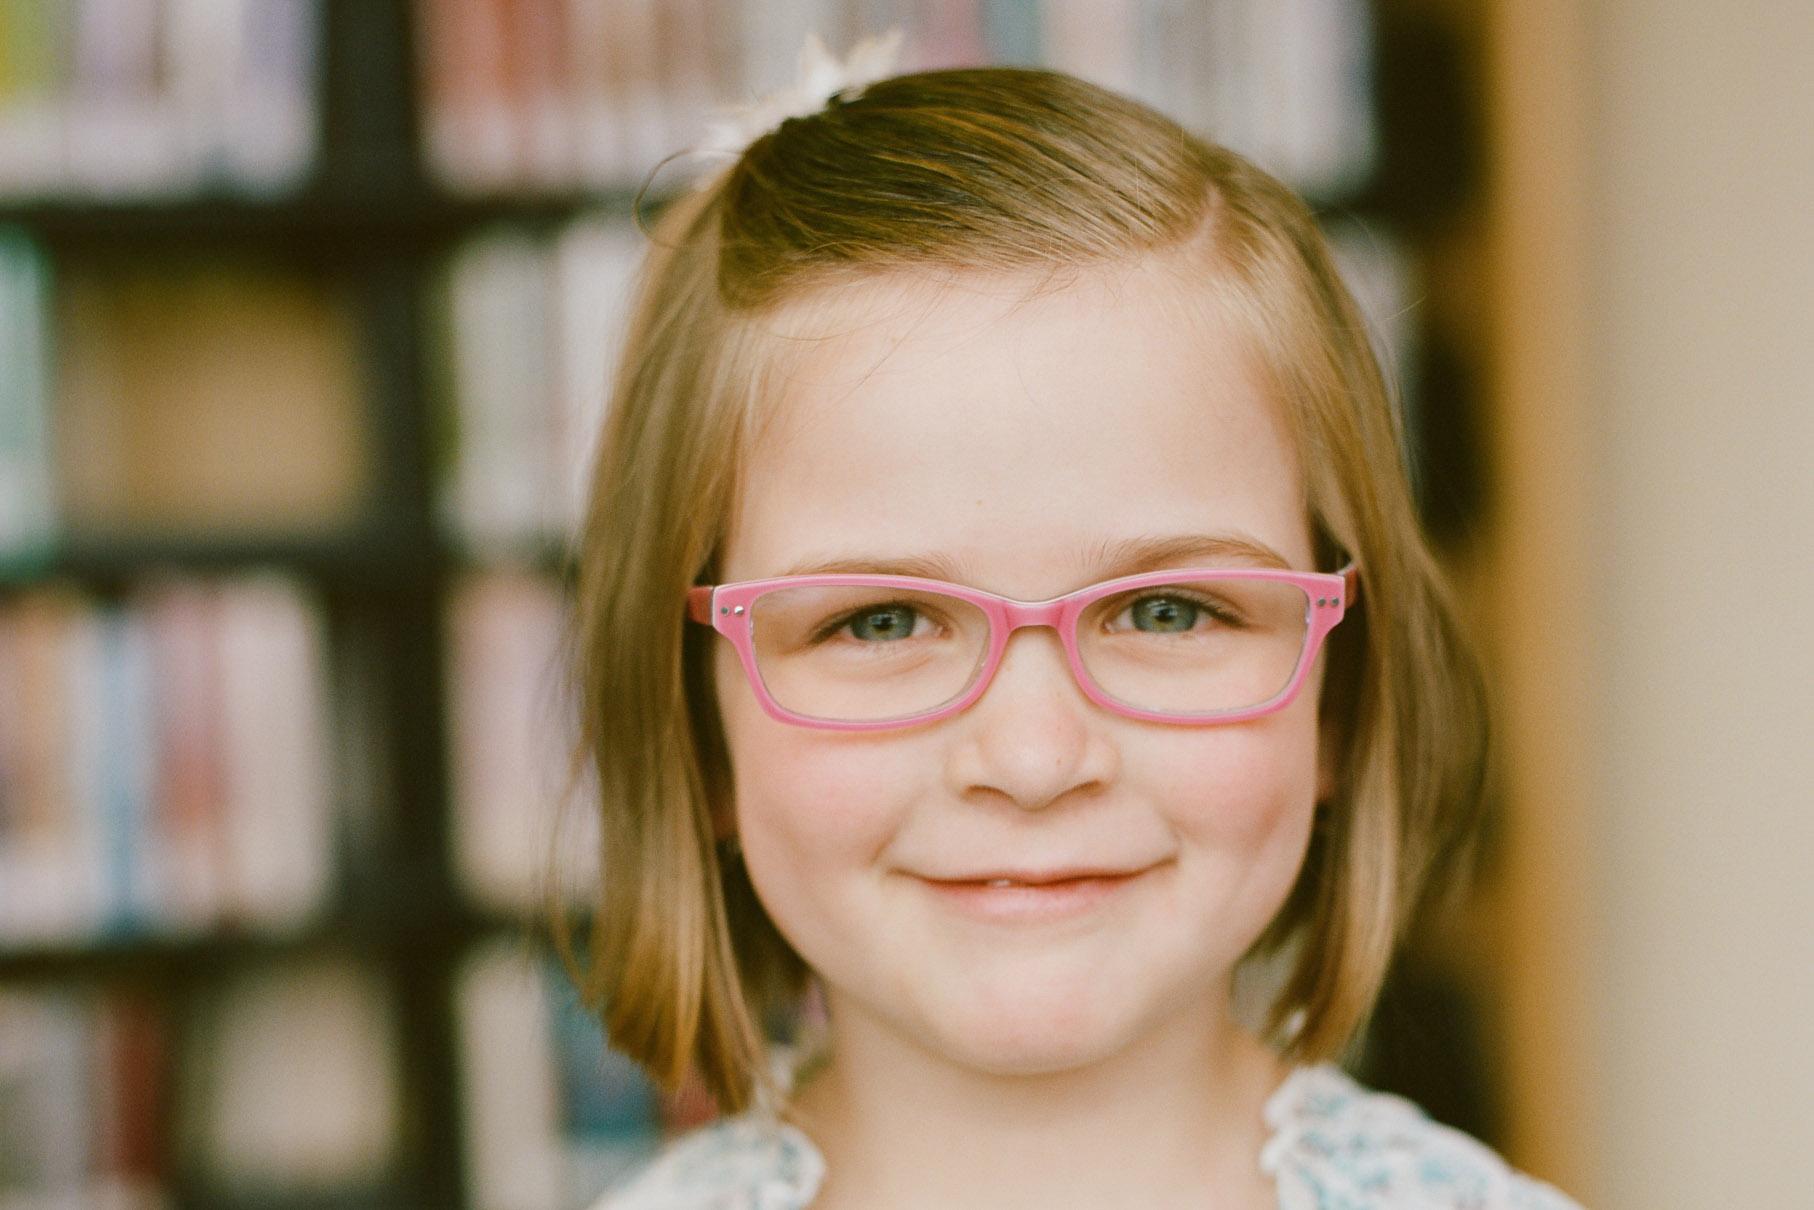 AugenCenter-Selde-Sehstoerung-Kinder-Teaser